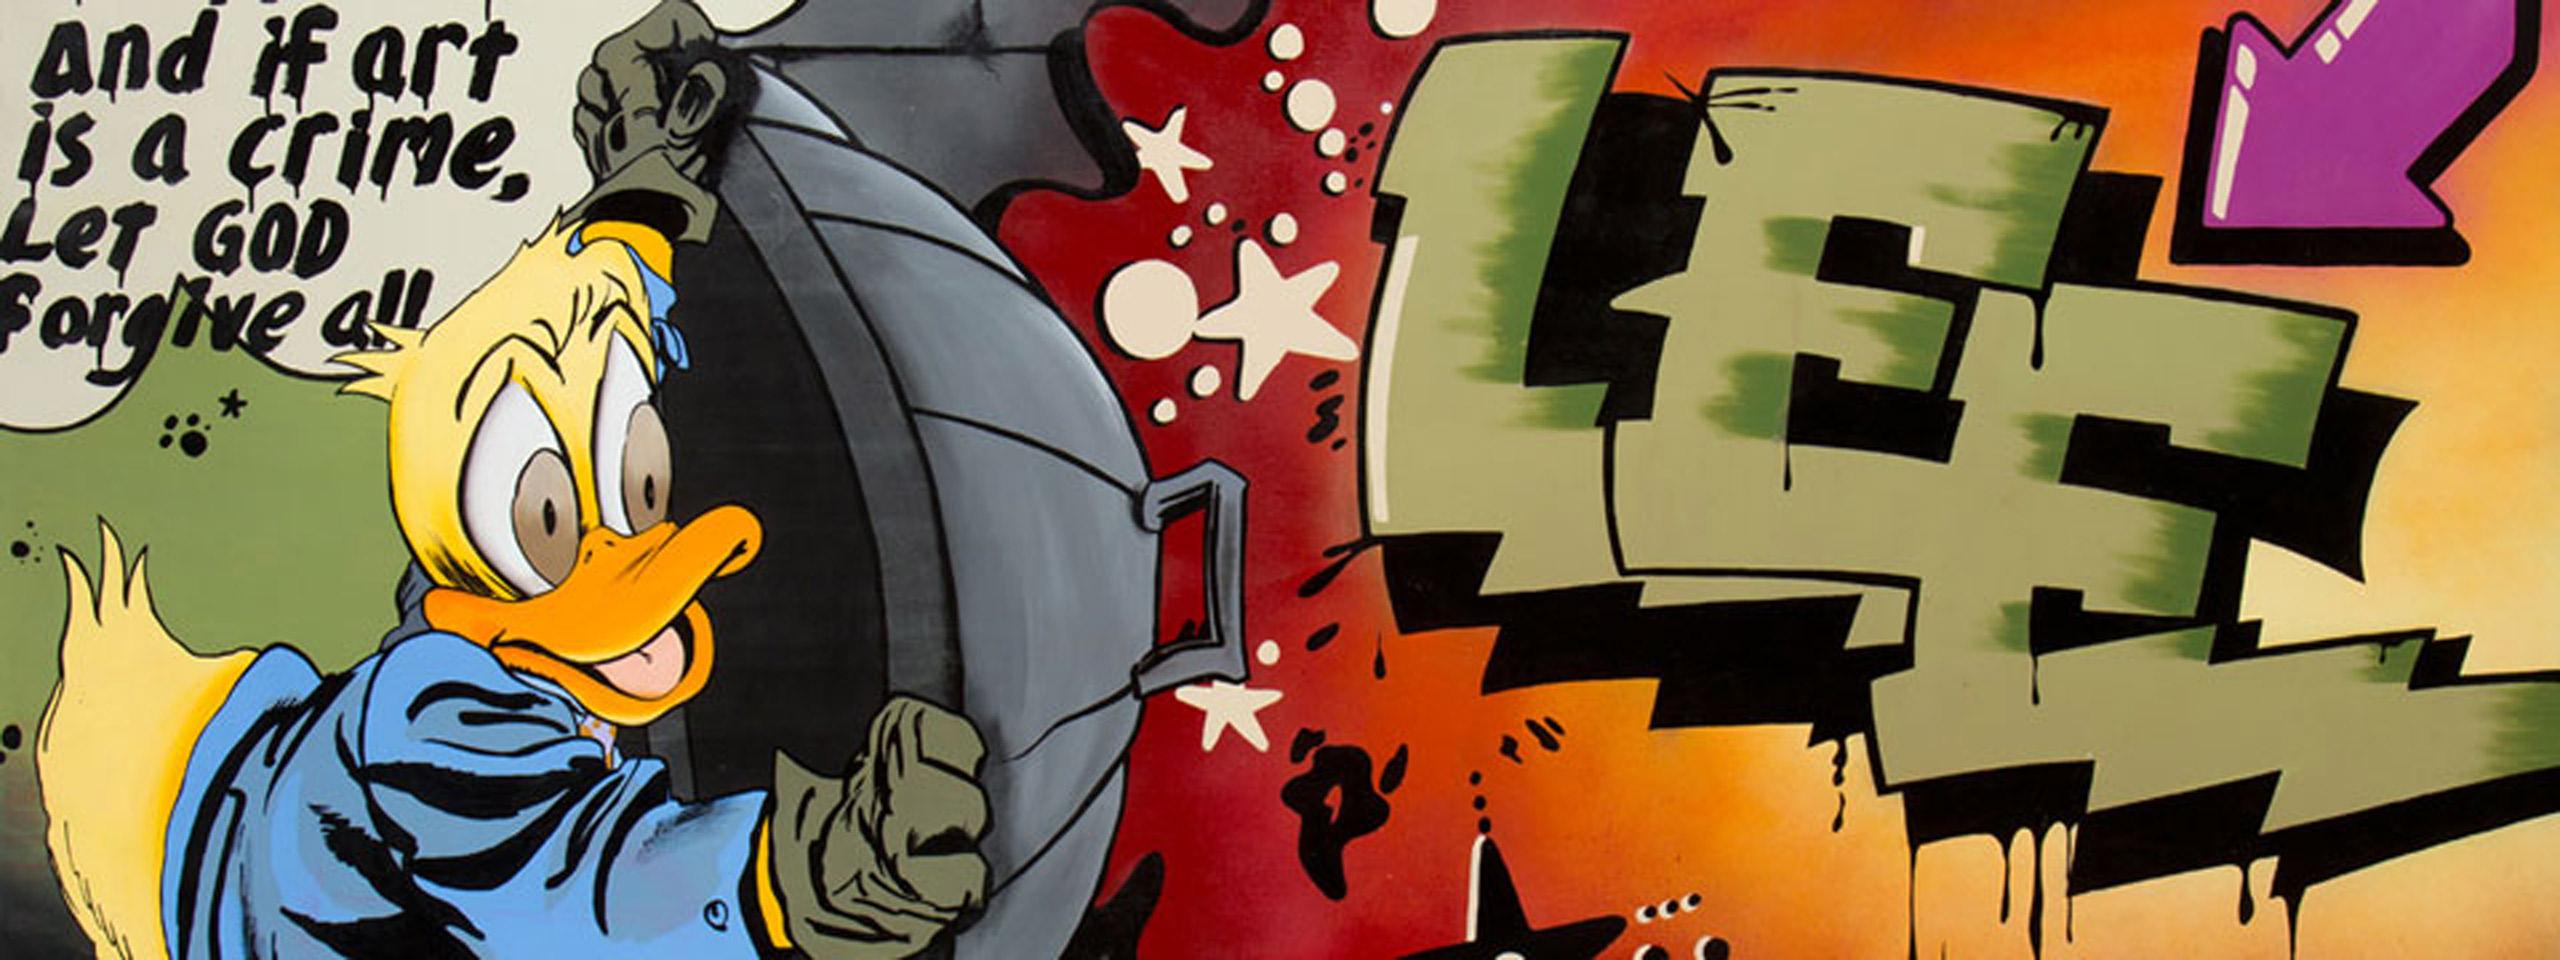 """街头艺术的名字叫李,鸭子是霍华德,躲在垃圾桶盖后面,""""如果艺术是犯罪,那就让上帝原谅一切"""""""